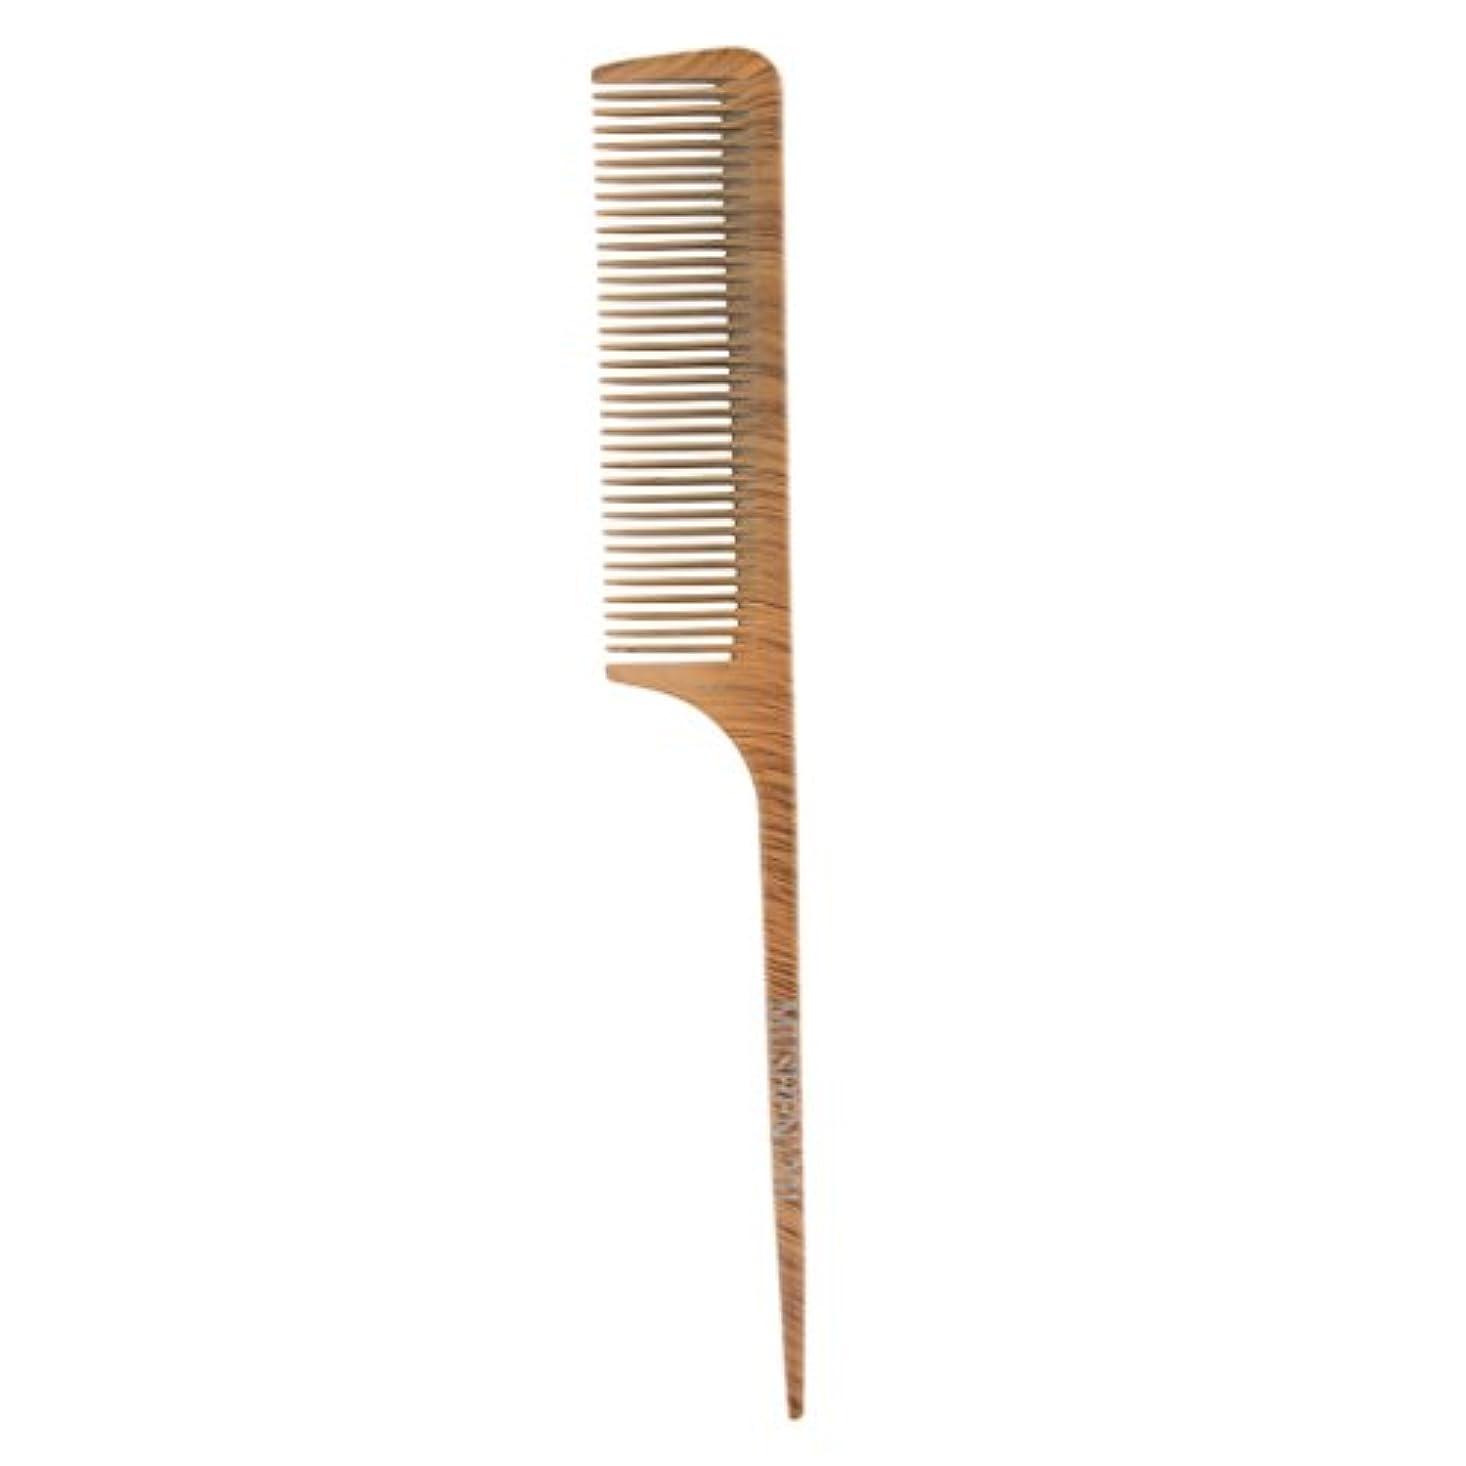 楕円形ギャザー派手ヘアコーム ヘアブラシ ヘアカットコーム ウッド 帯電防止 サロン 理髪師 ヘアケア 4タイプ選べる - 1201